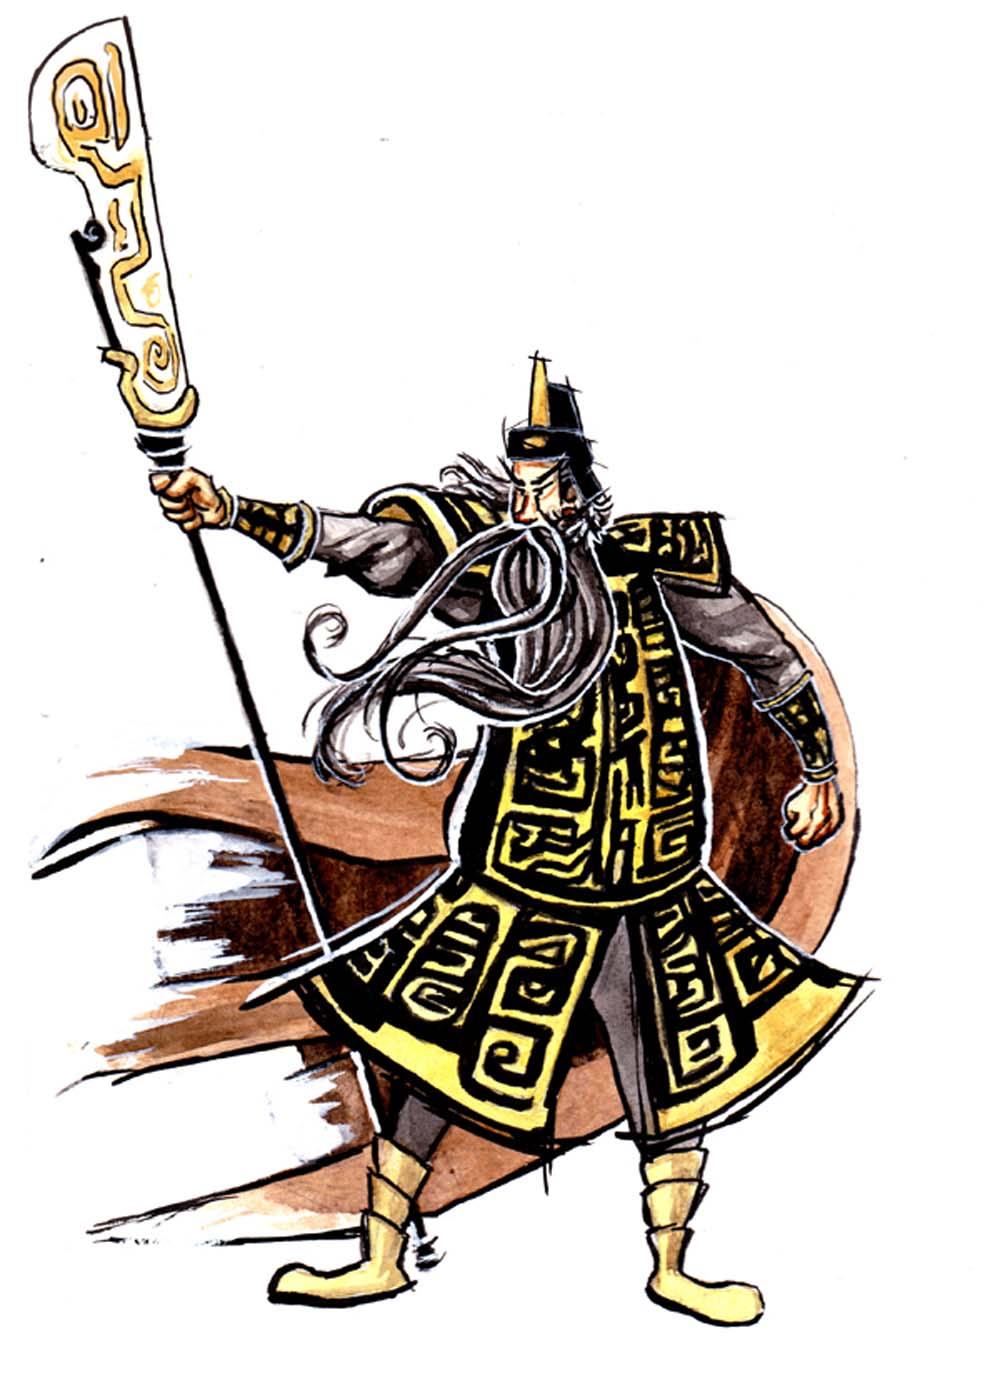 Kublah Khan